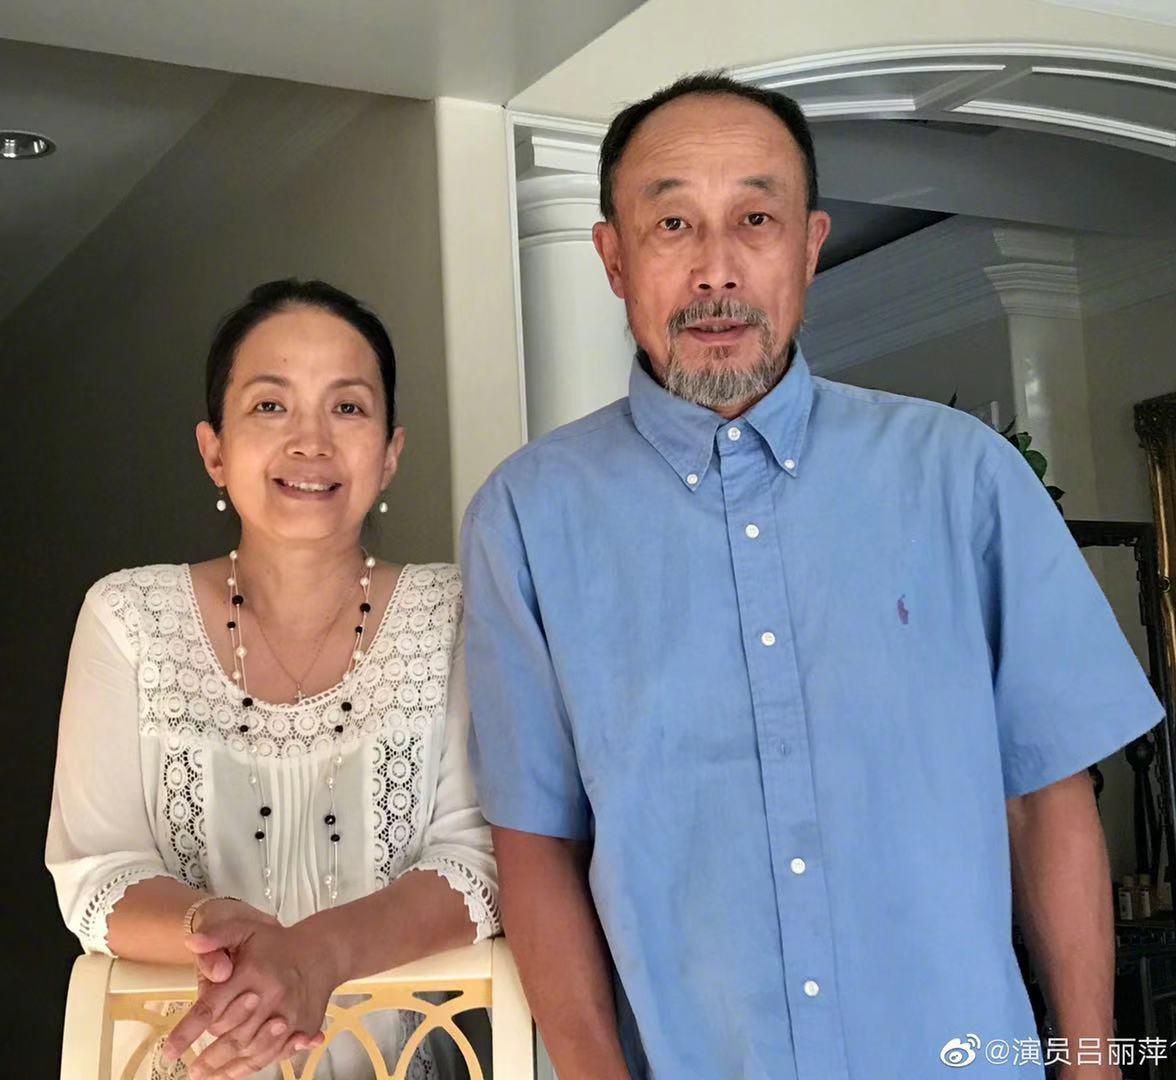 59歲呂麗萍曬與孫海英合照,宣傳主演電影,皺紋明顯但精神飽滿